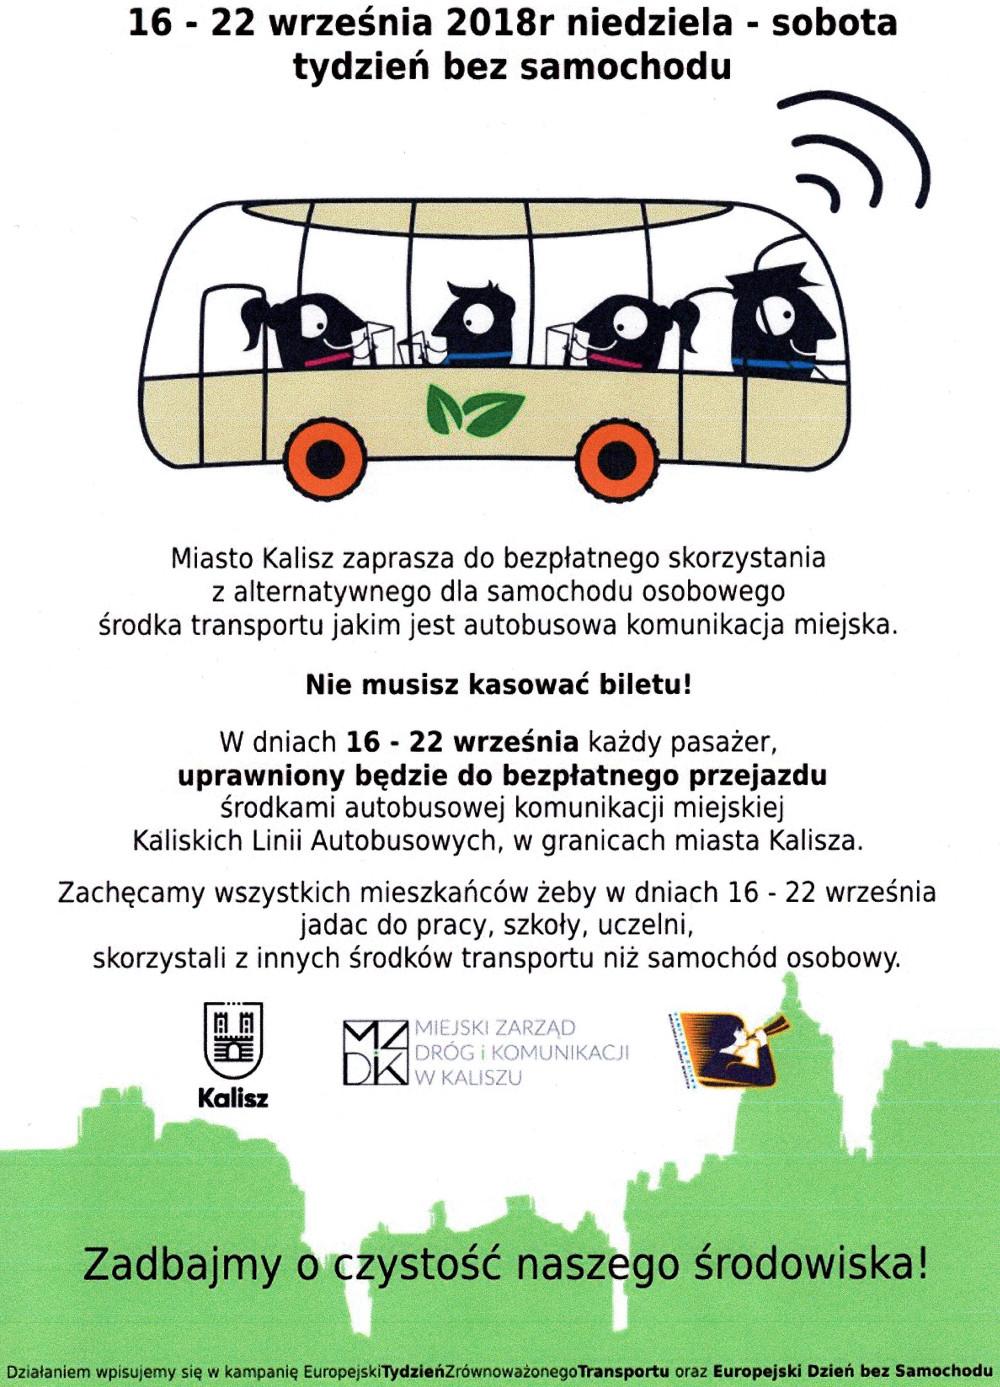 """[Kalisz] 16-22.09 darmowe przejazdy autobusami miejskimi - """"Tydzień bez samochodu"""""""